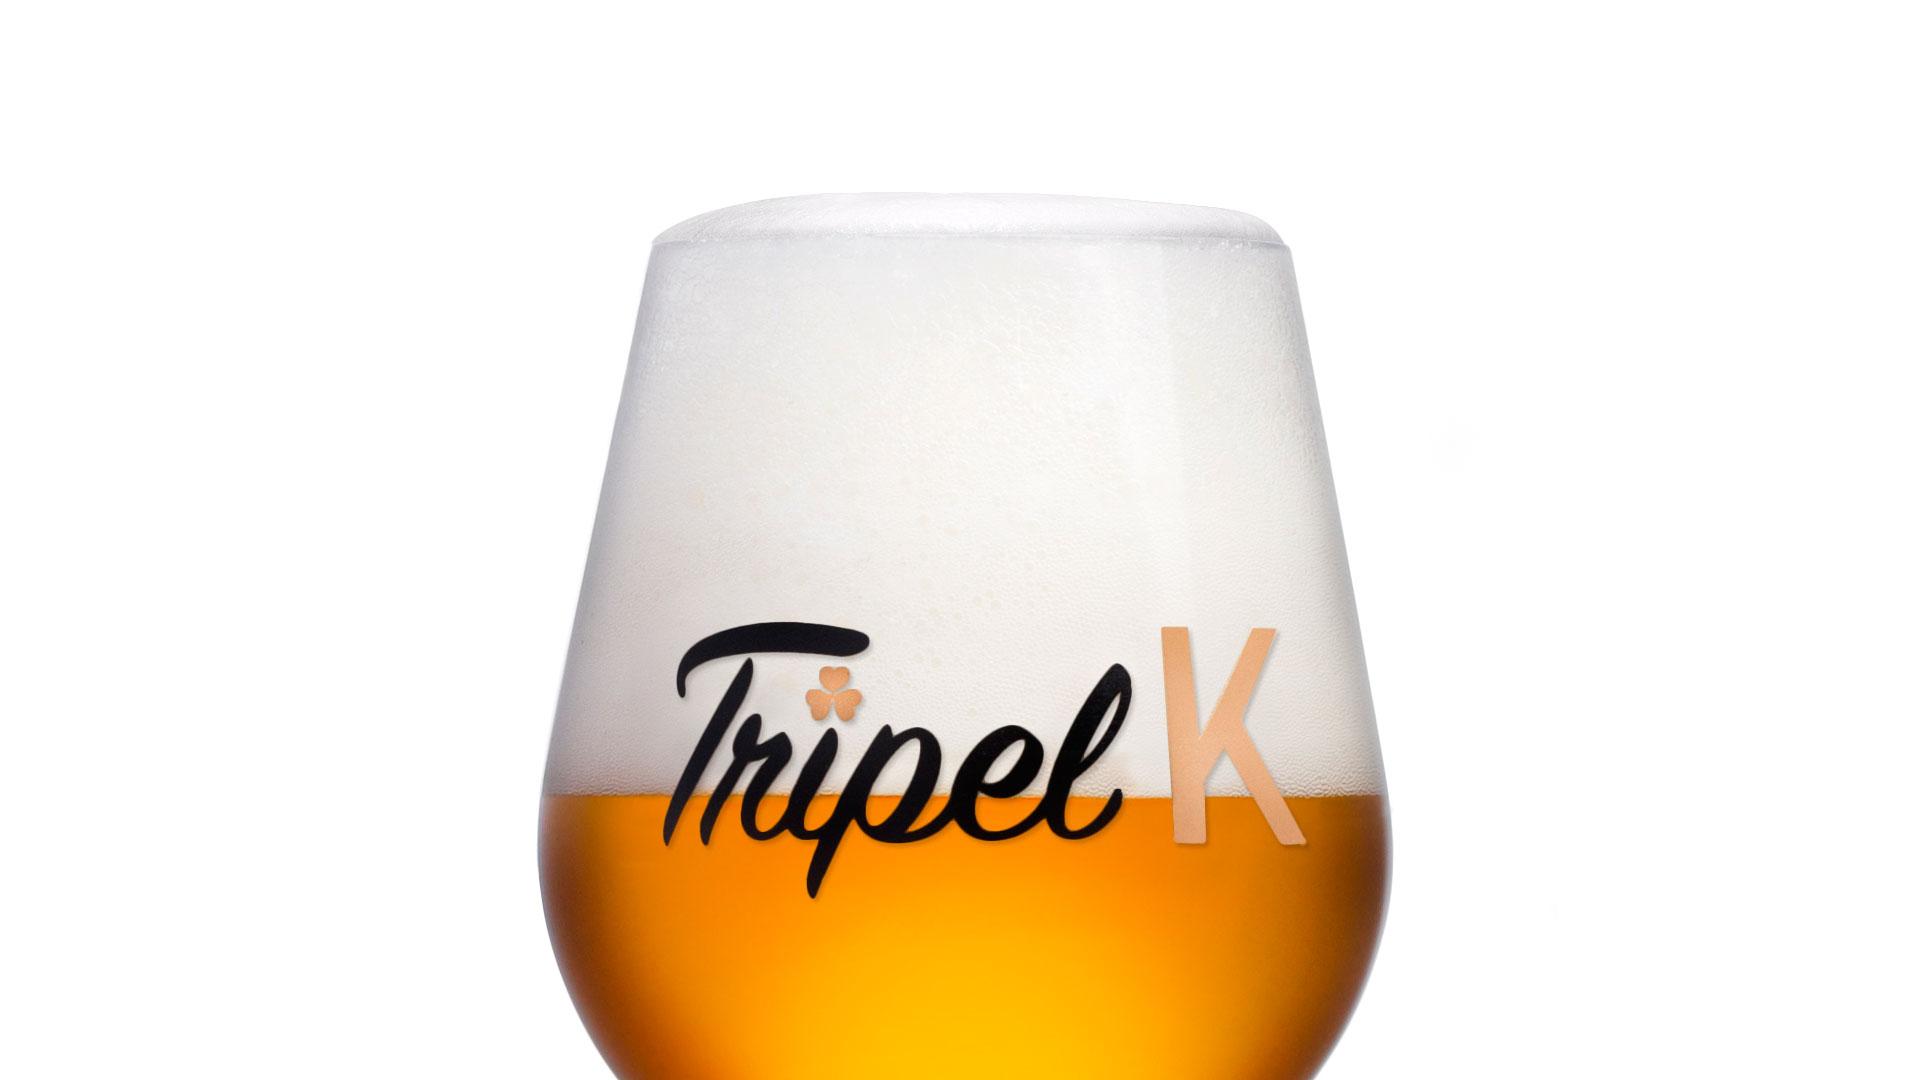 Tripel K speciaal klaver bier